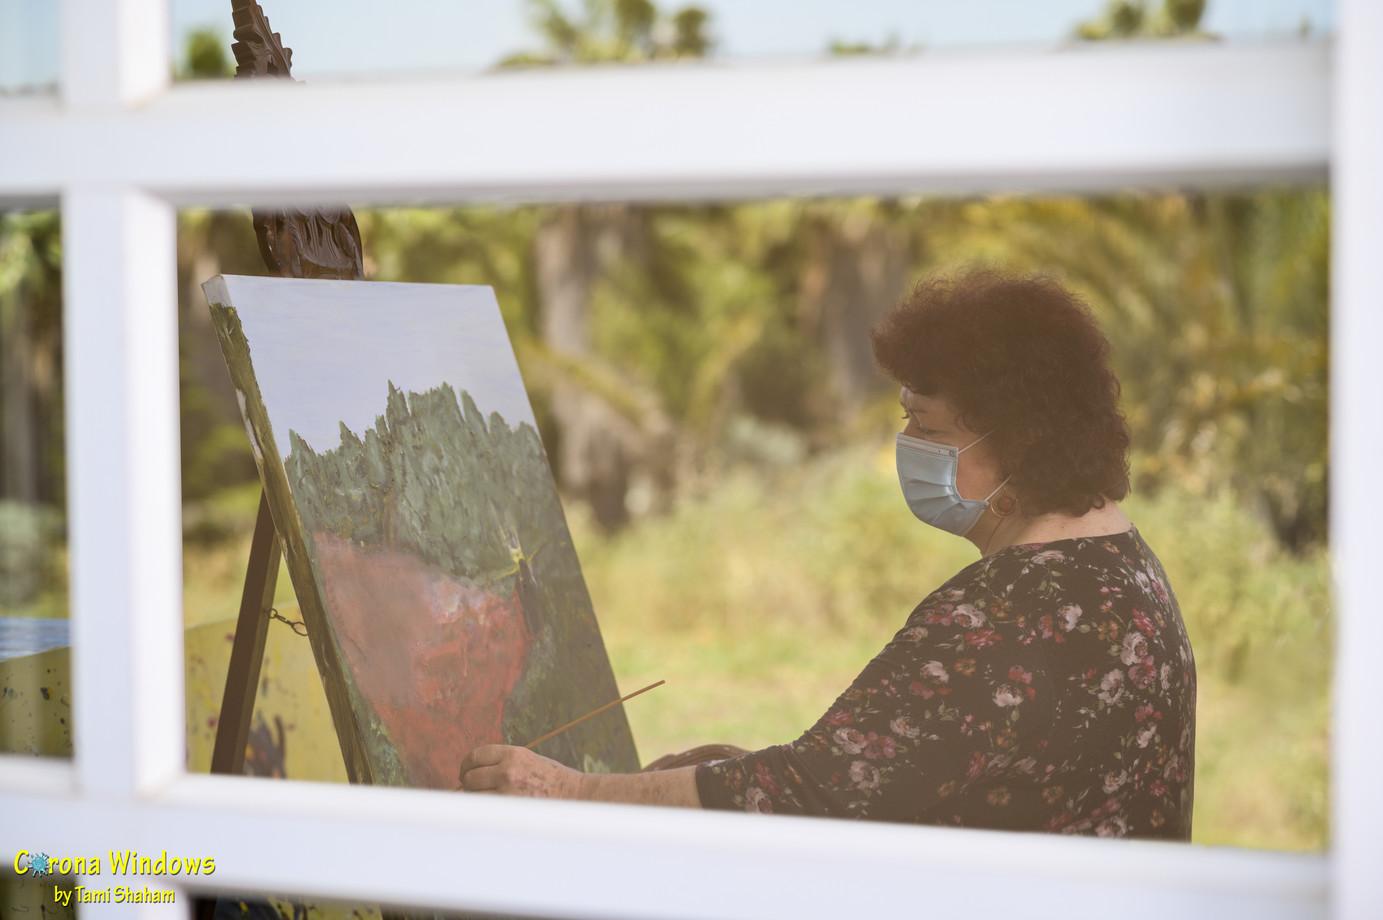 שרה בוגן- האישה בחלון